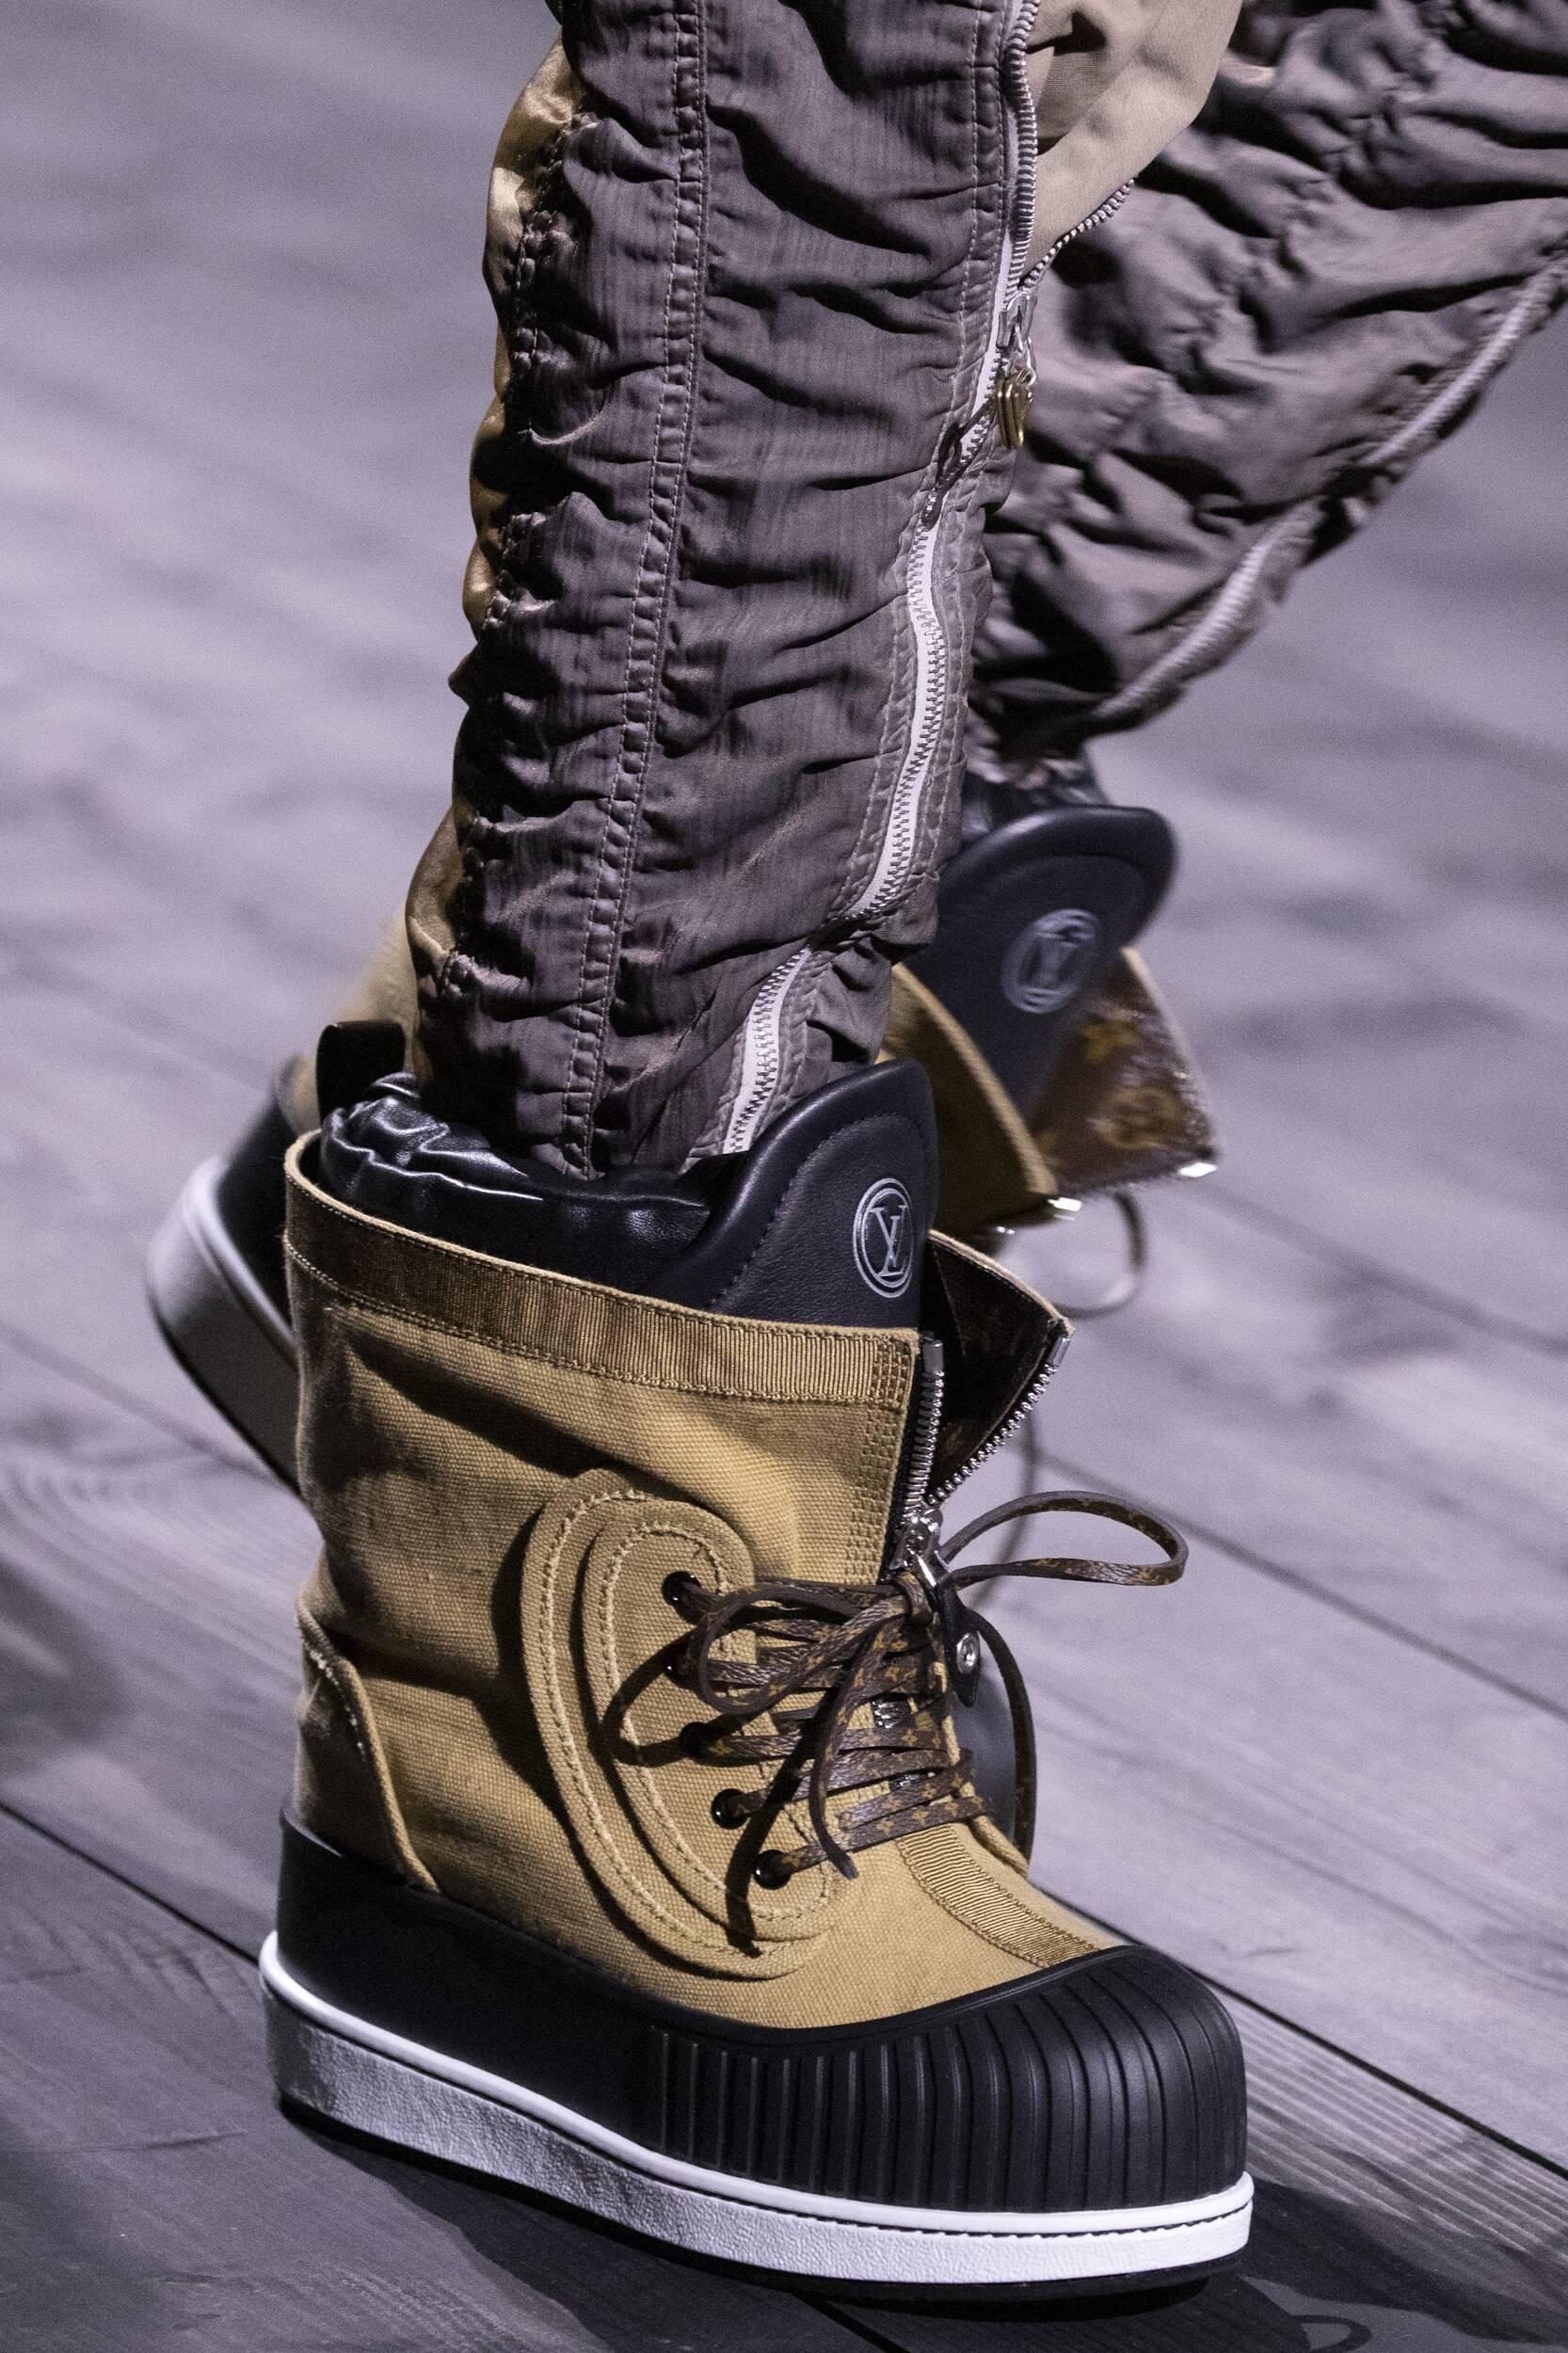 Louis Vuitton Shoes 2020-21